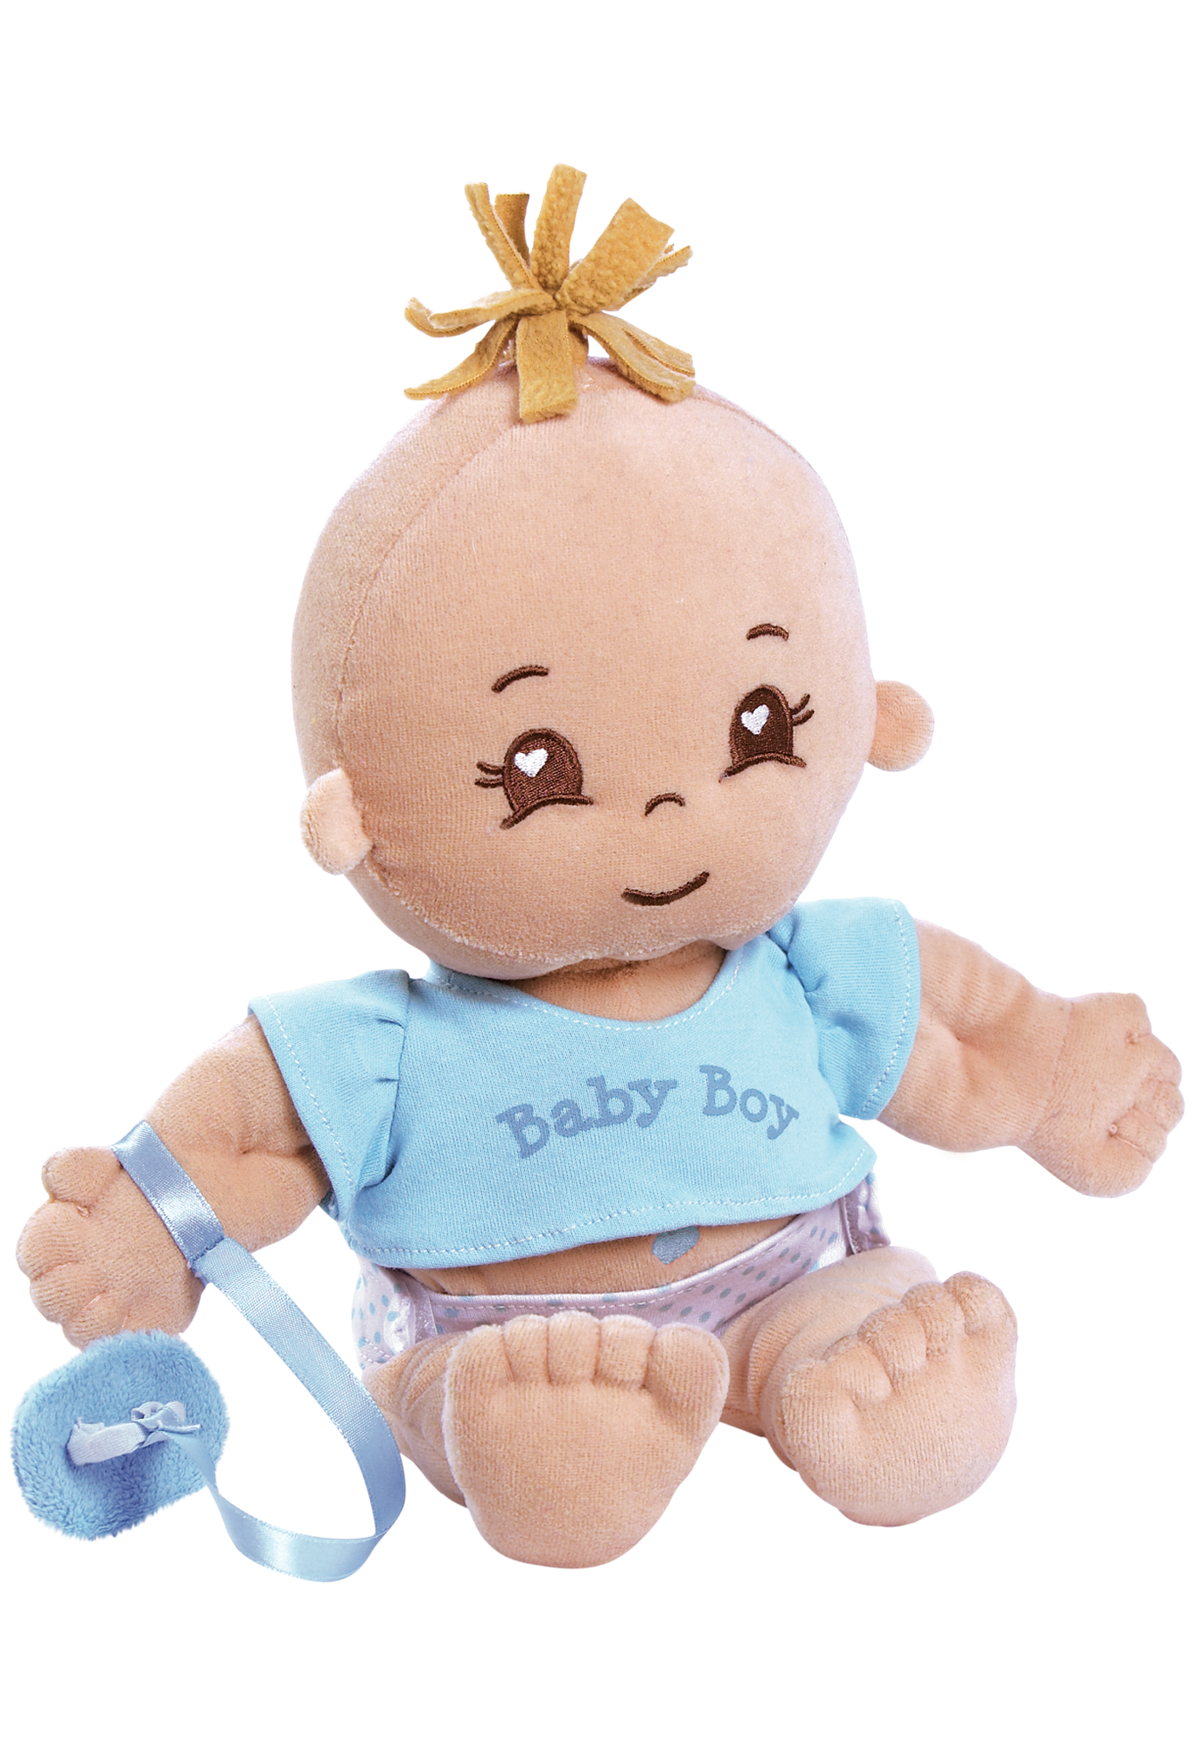 MY FIRST ADORA BABY BOY